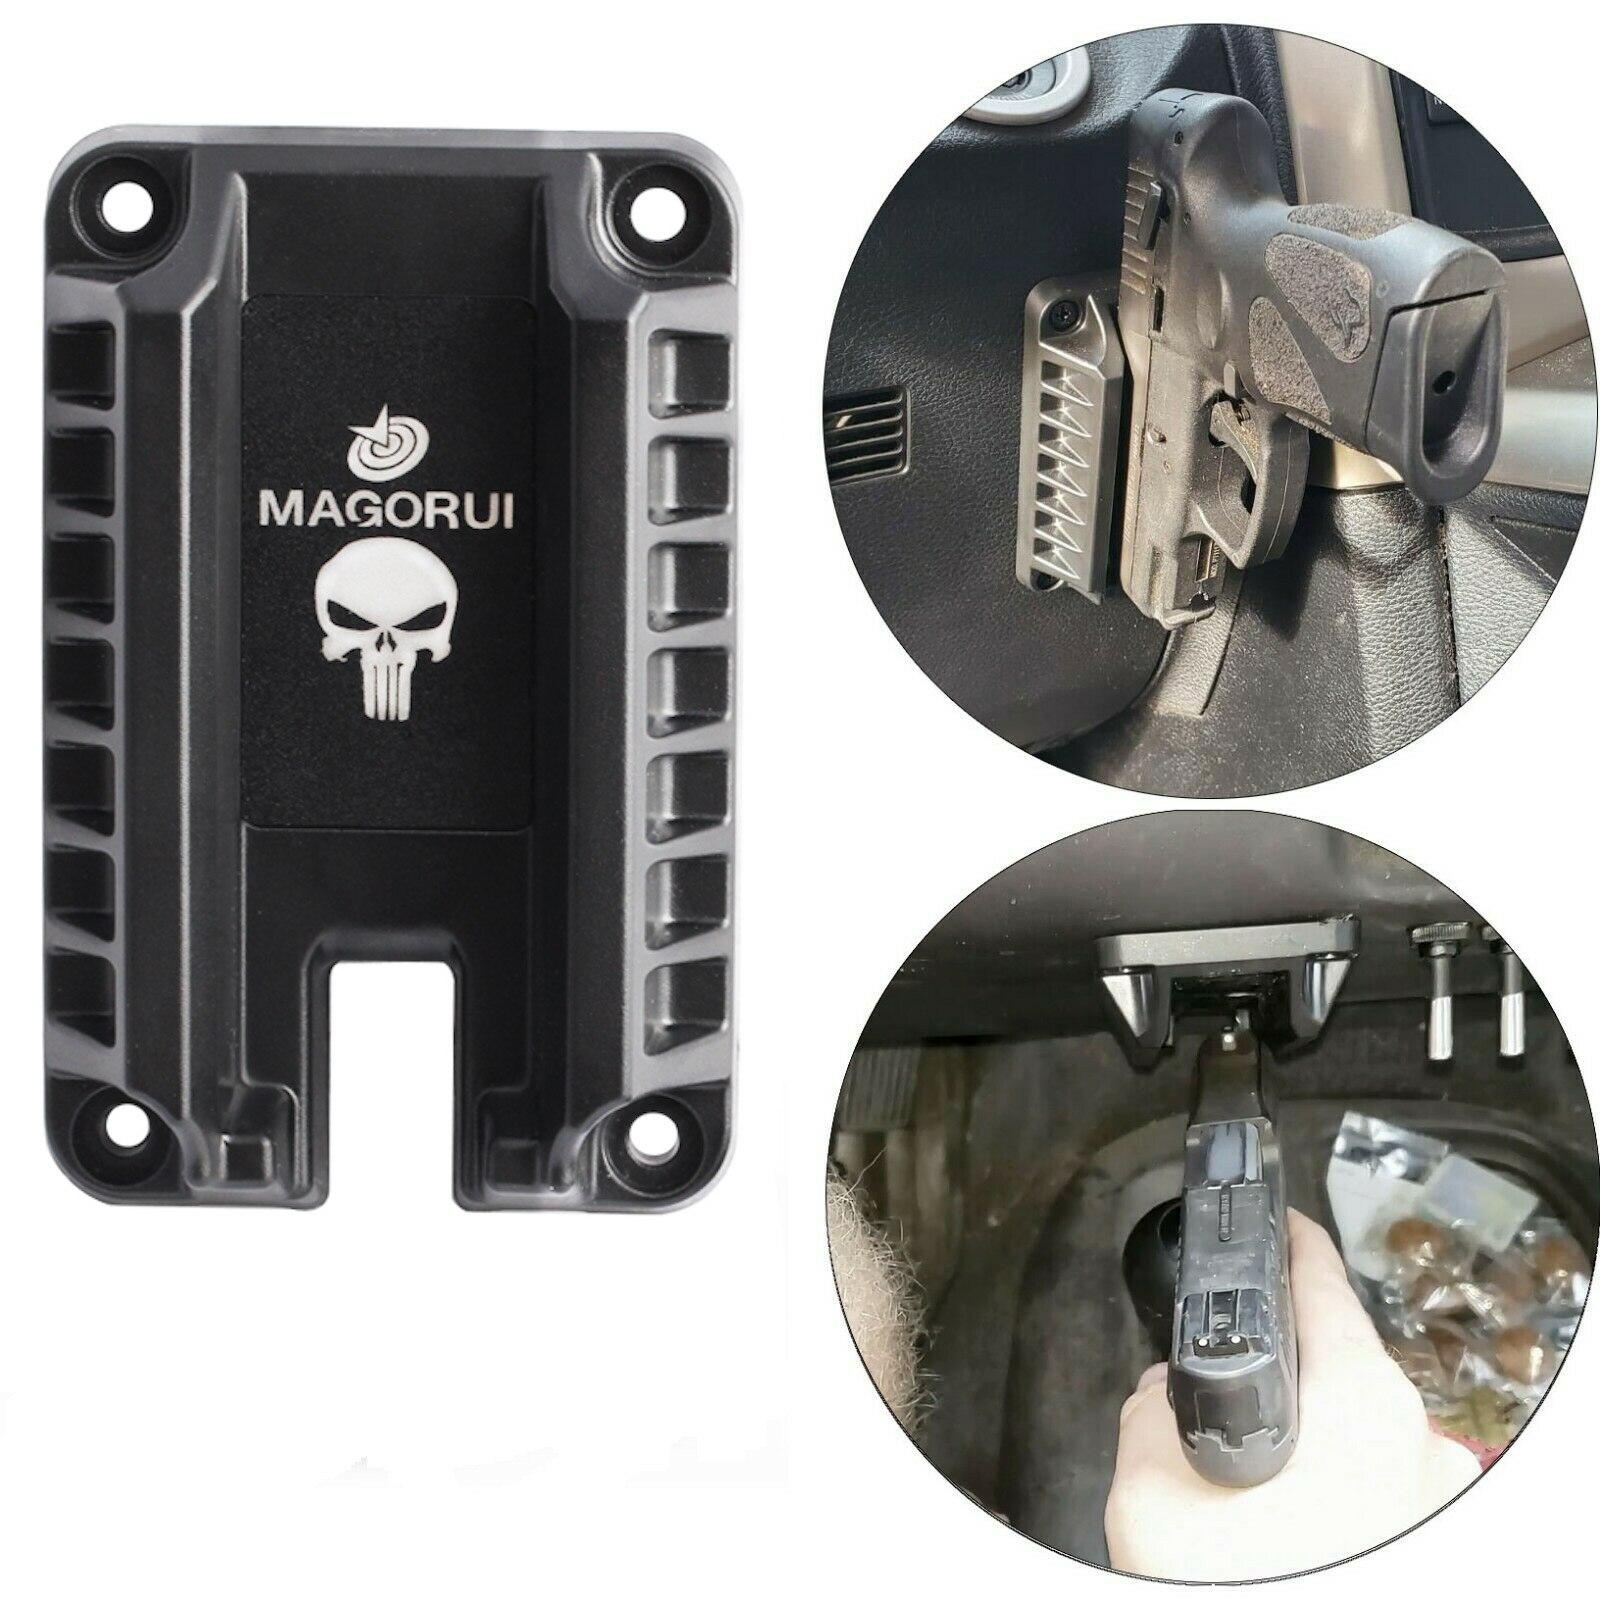 da pistola suporte acessorios taticos escondidos arma 05